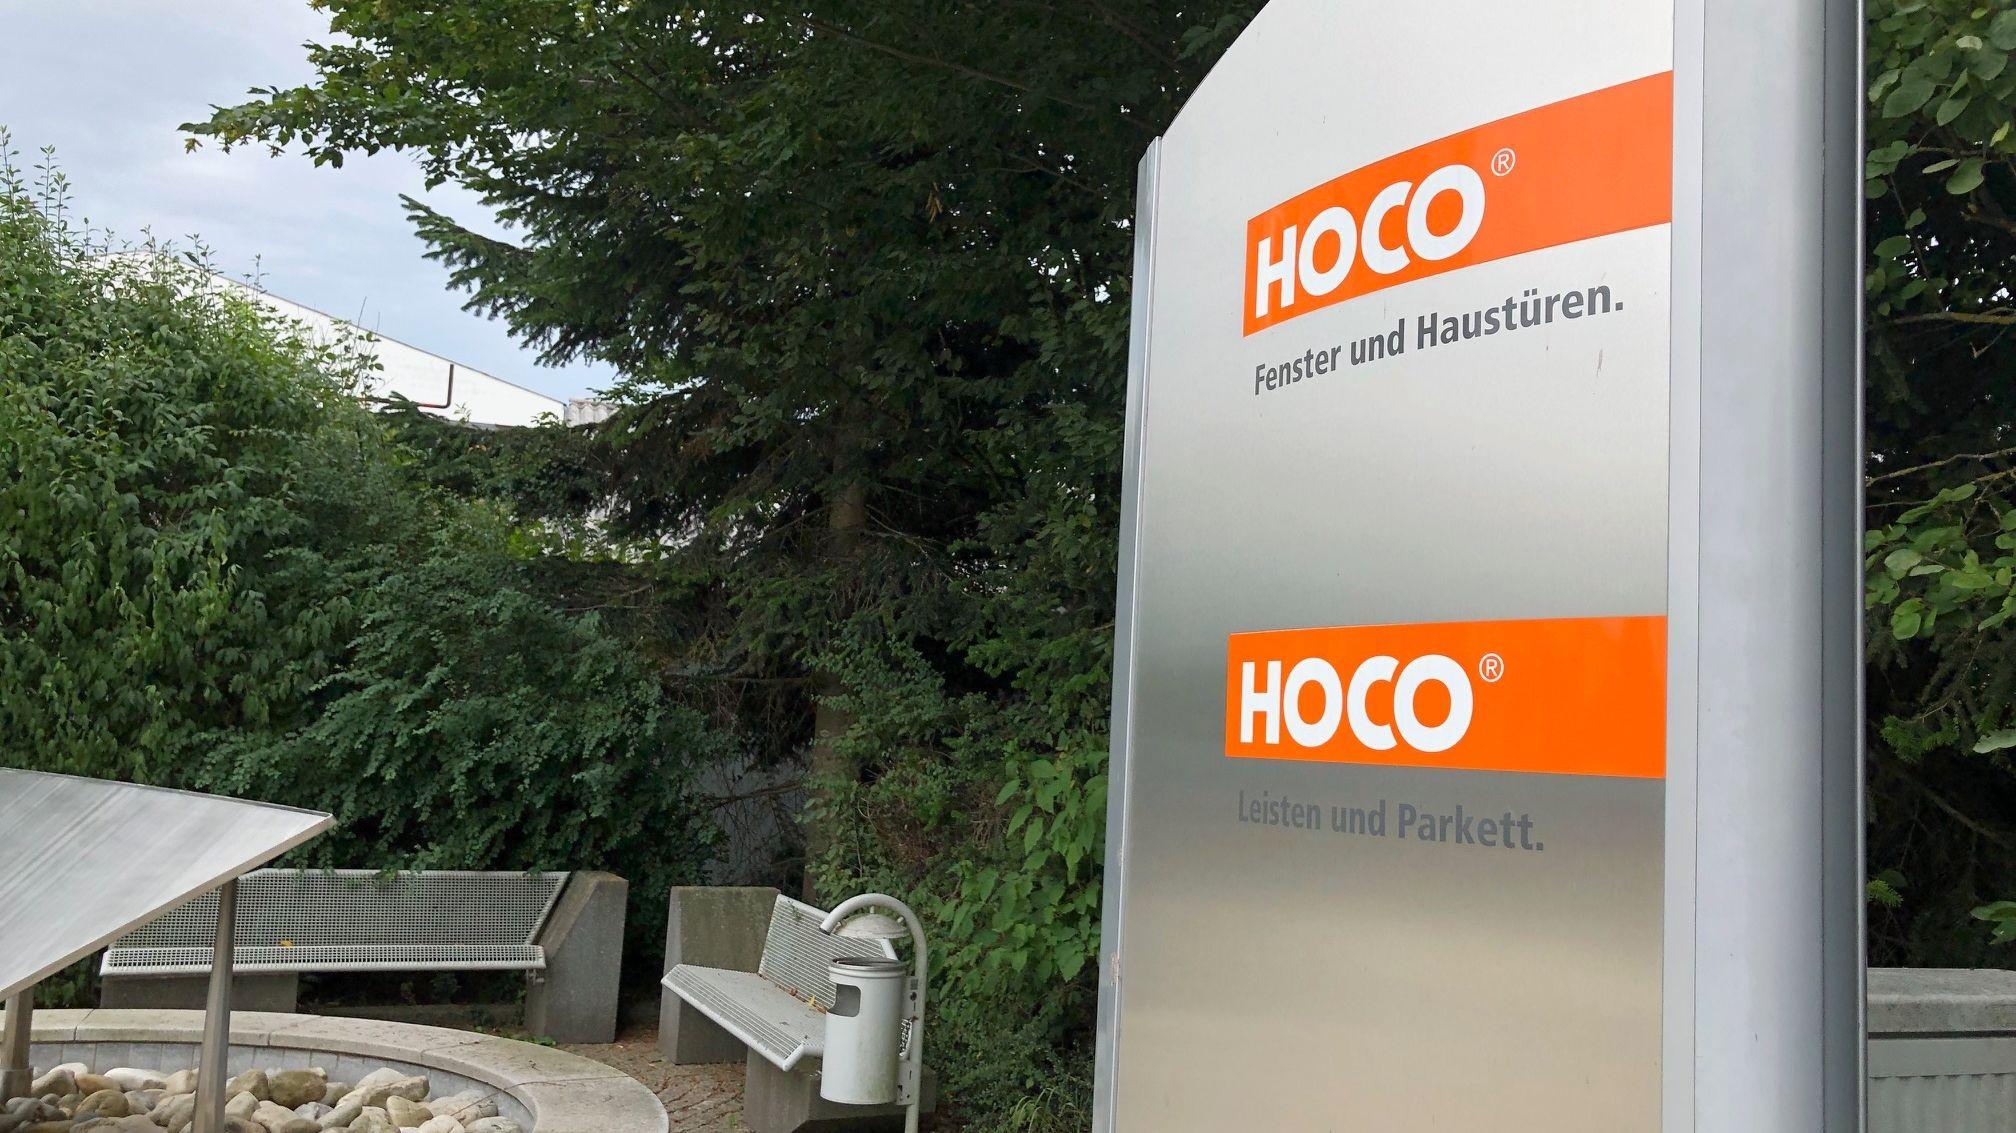 HocoHolz